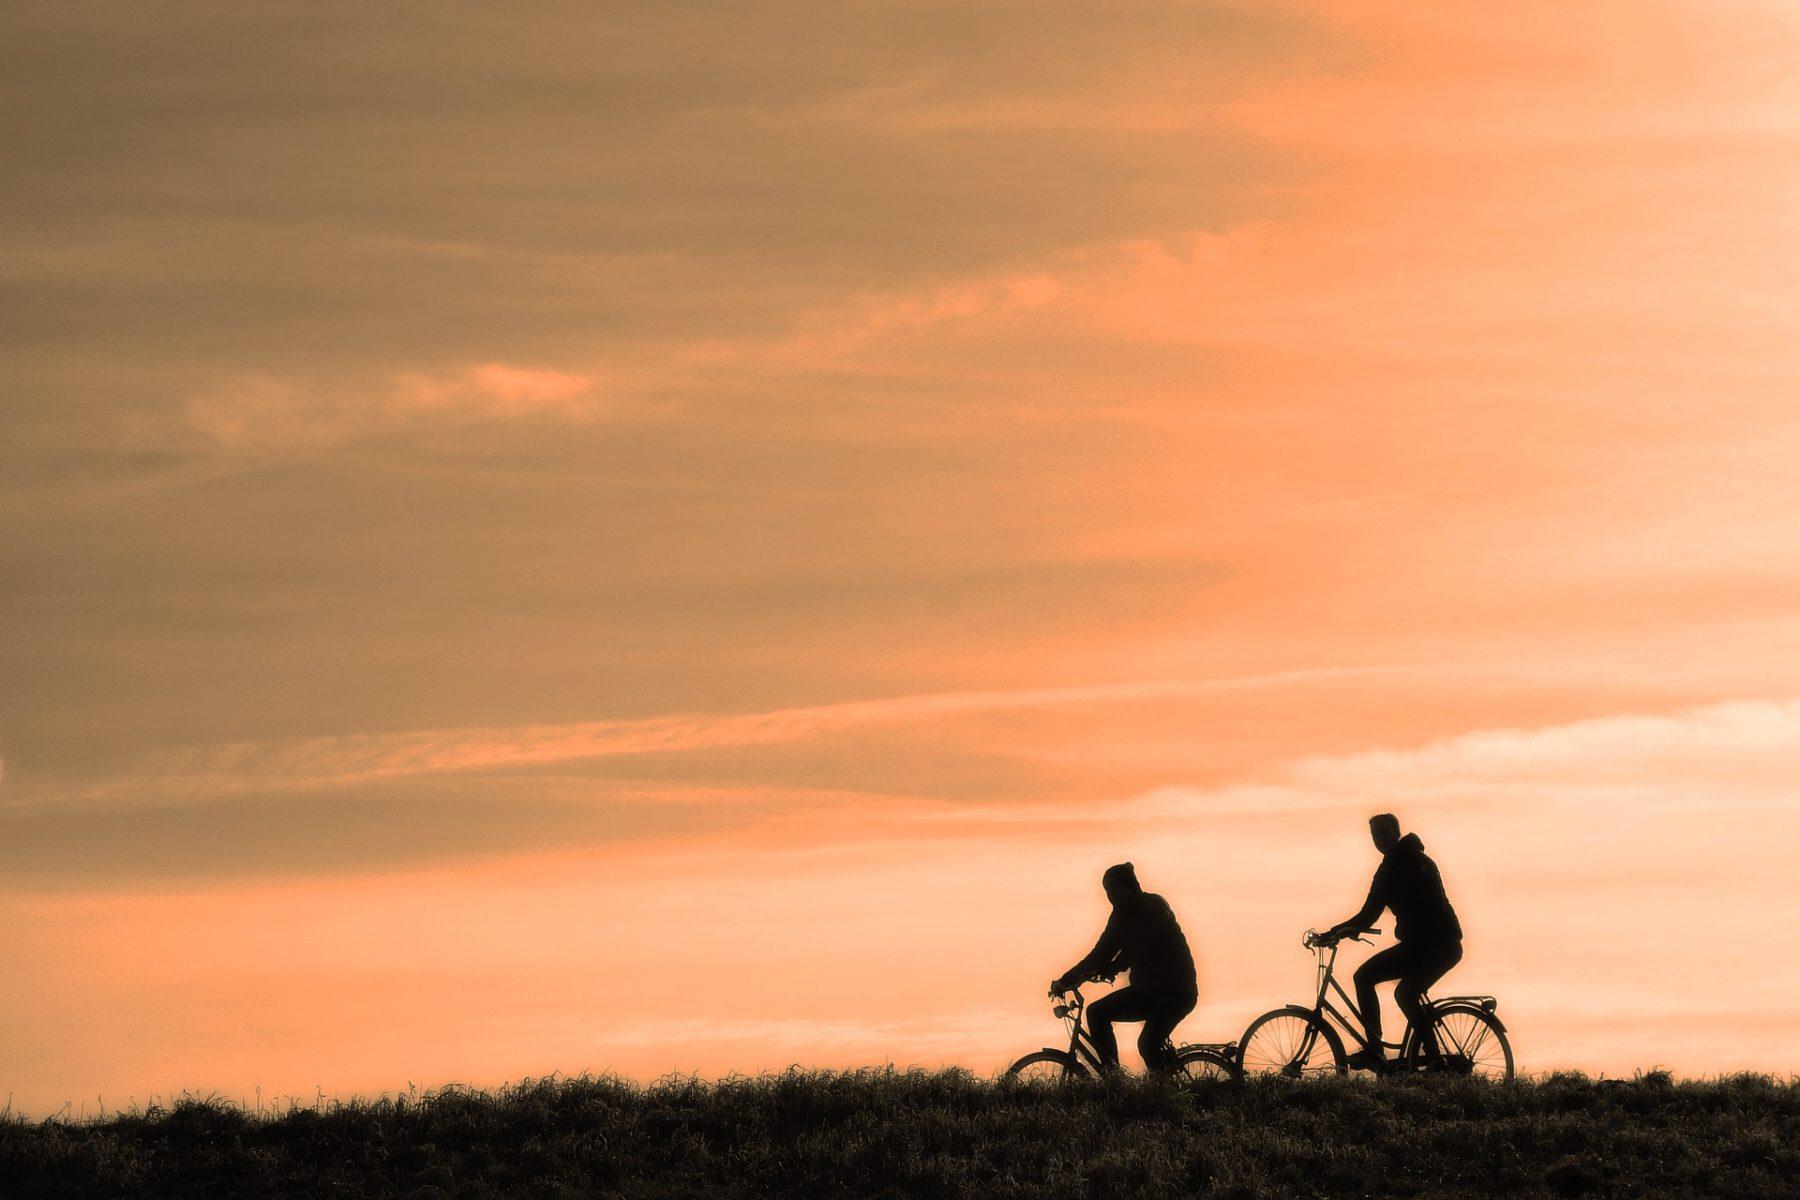 Incrementar la actividad física es una manera sostenible de consumir las calorías que ingerimos.